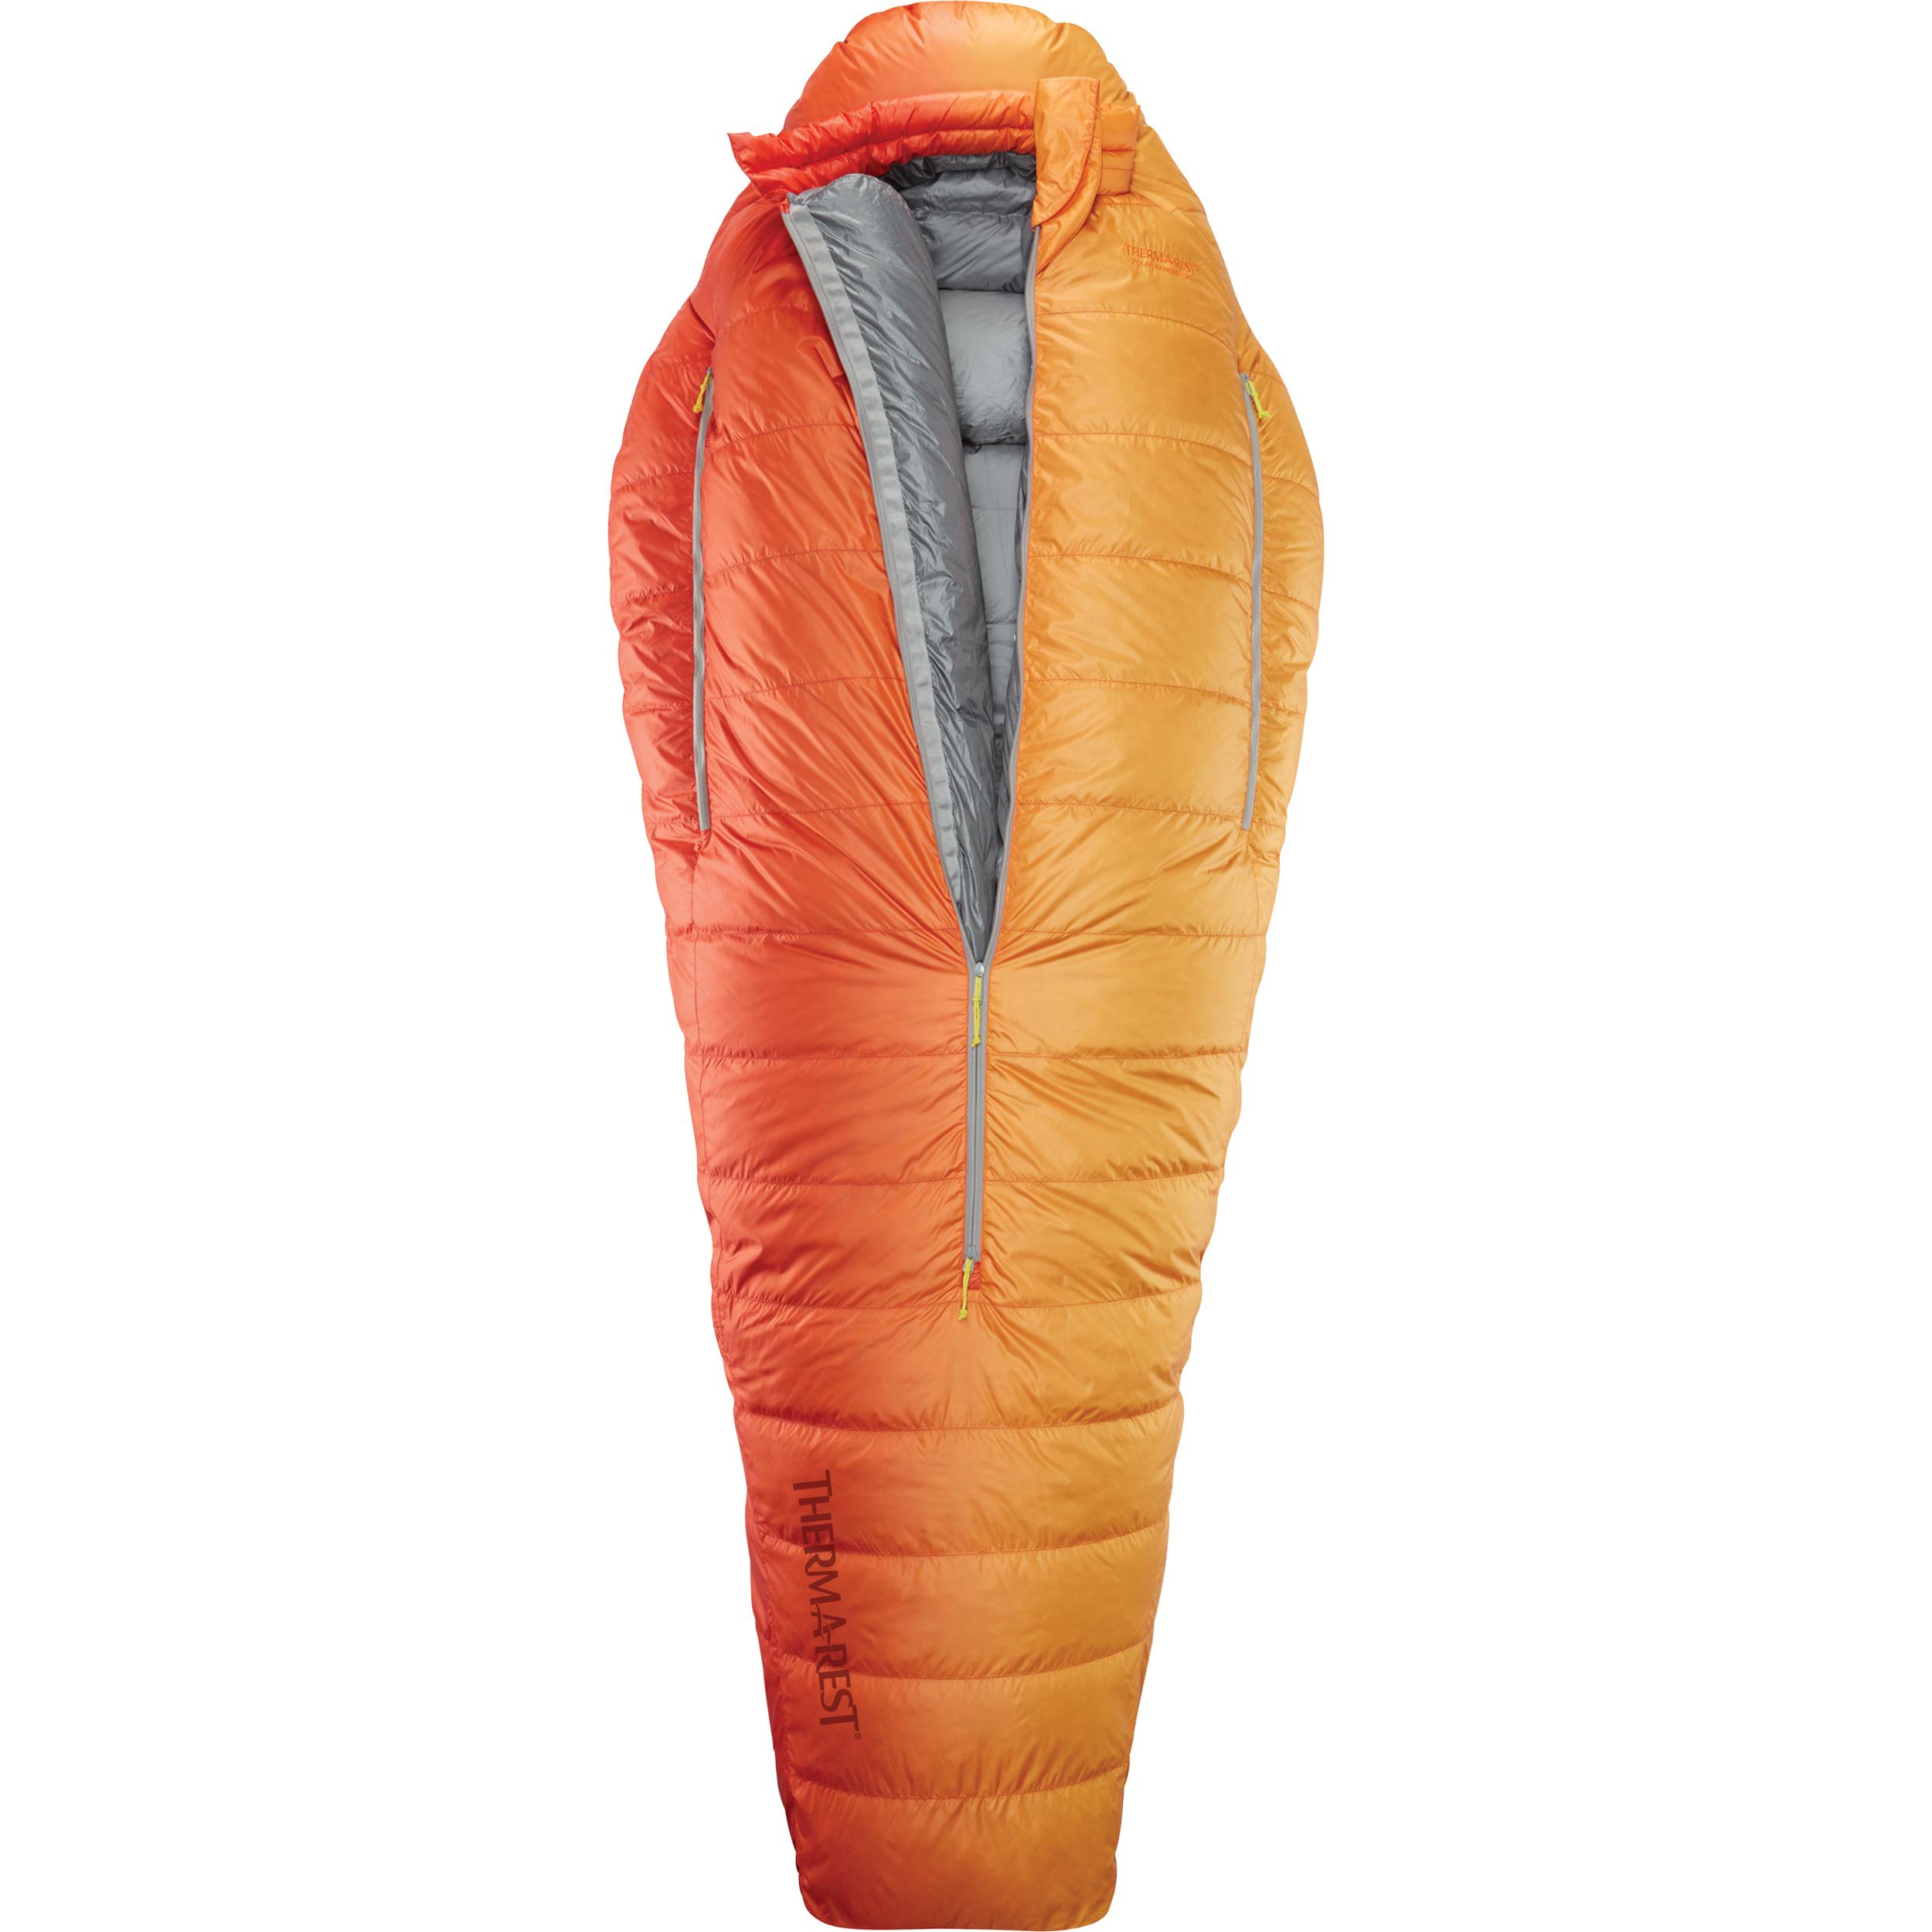 newest db2a9 73812 Polar Ranger™-20F/-30C Sleeping Bag